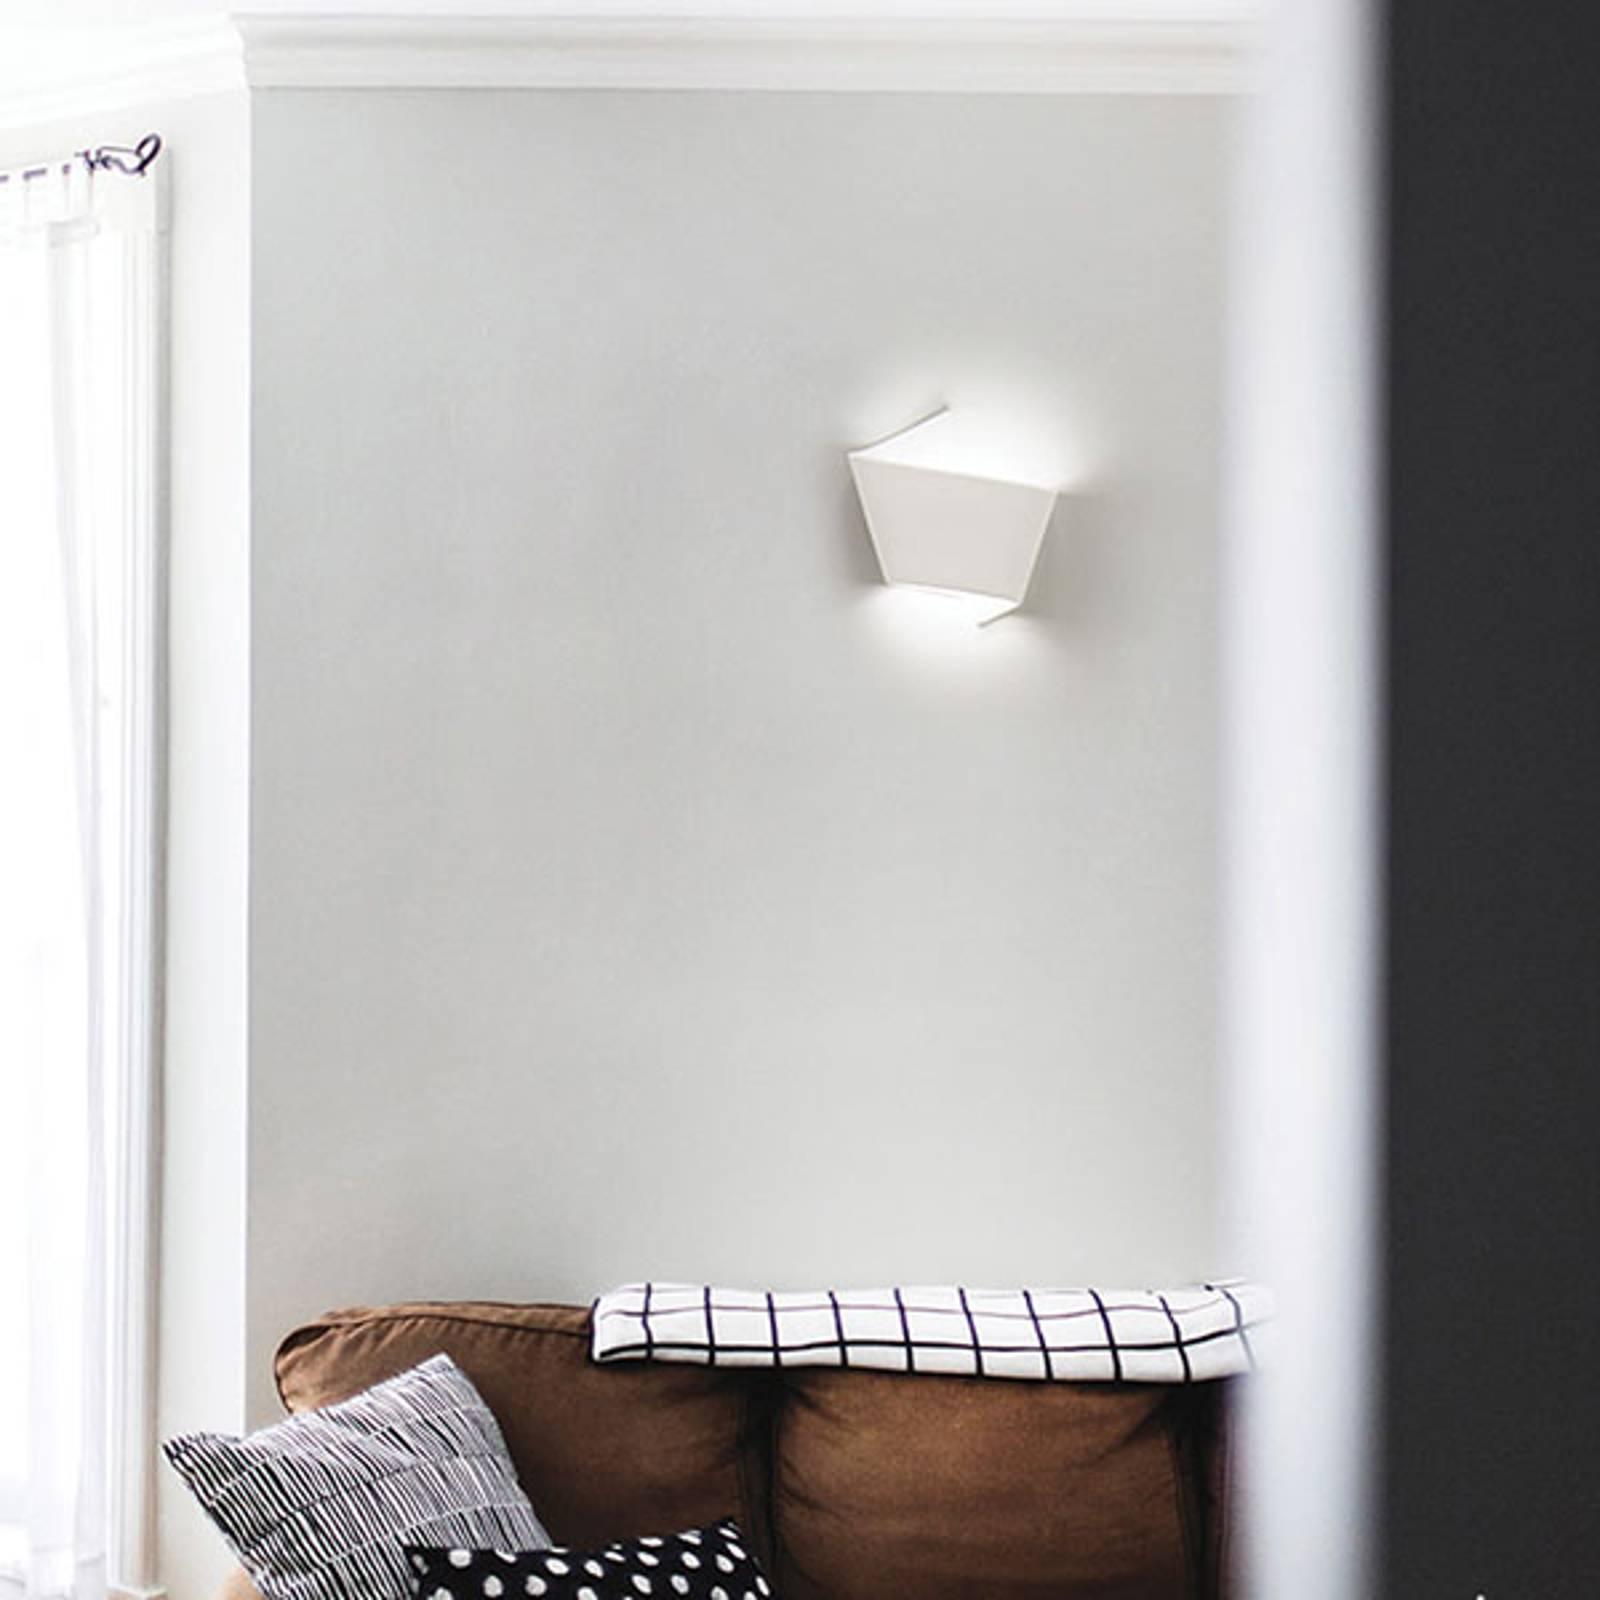 LED wandlamp 2498 keramiek 2.700 K dimbaar